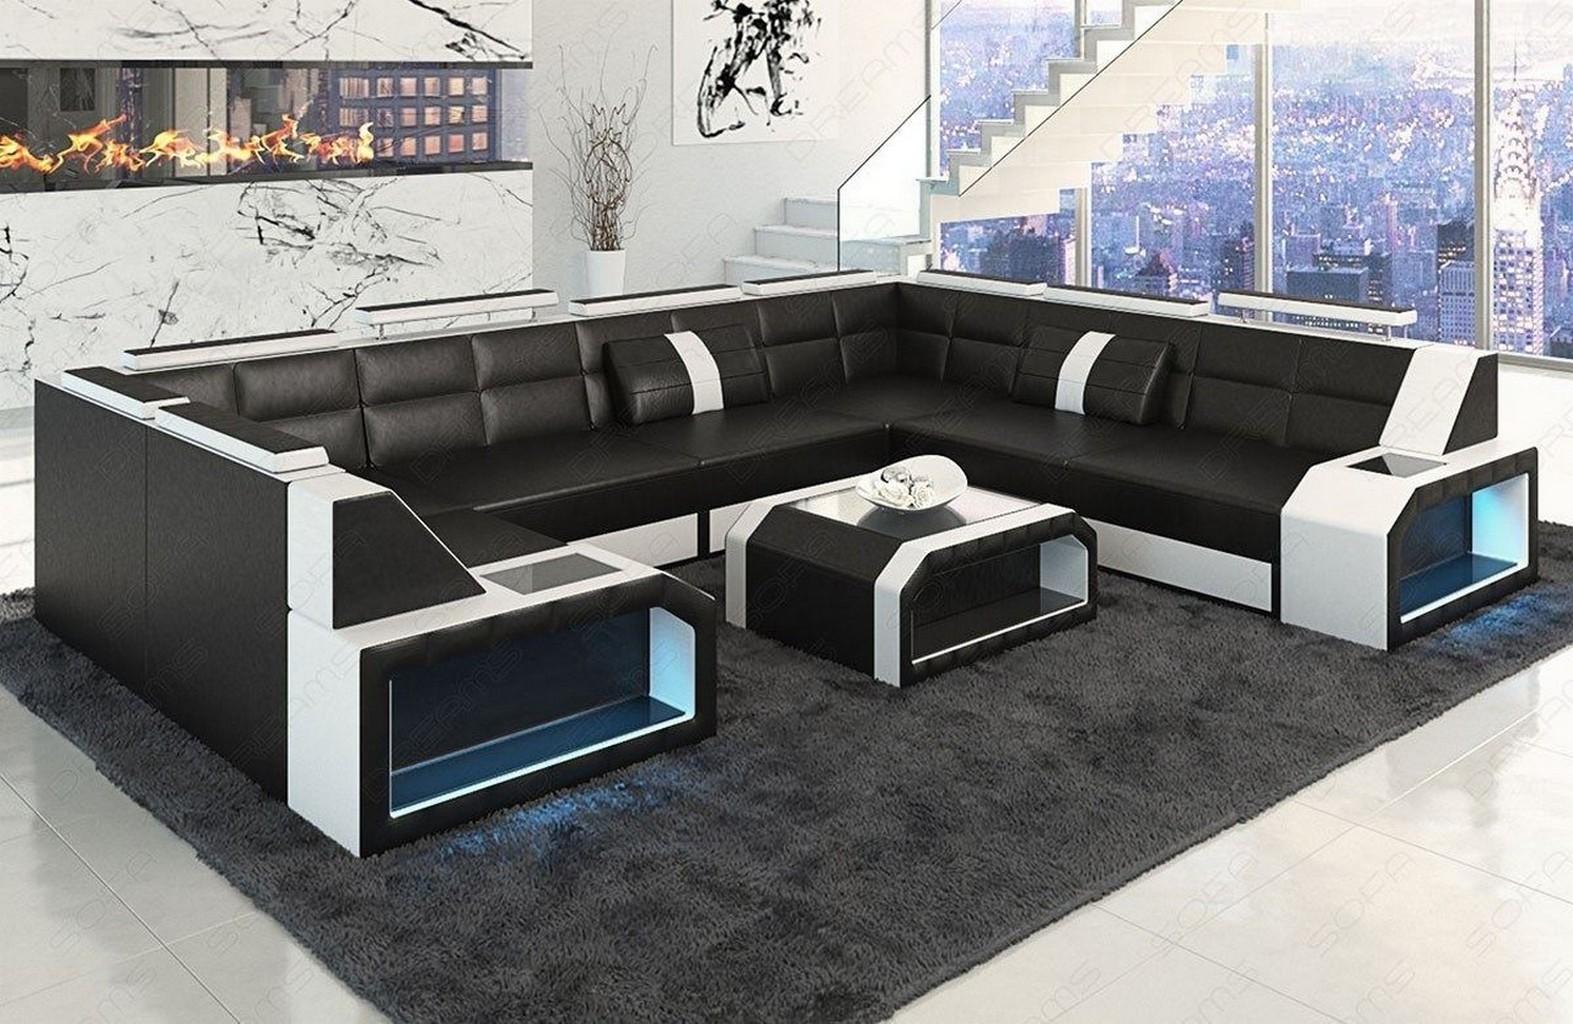 sofa leder schwarz rolf benz 322 designer sofa schwarz. Black Bedroom Furniture Sets. Home Design Ideas